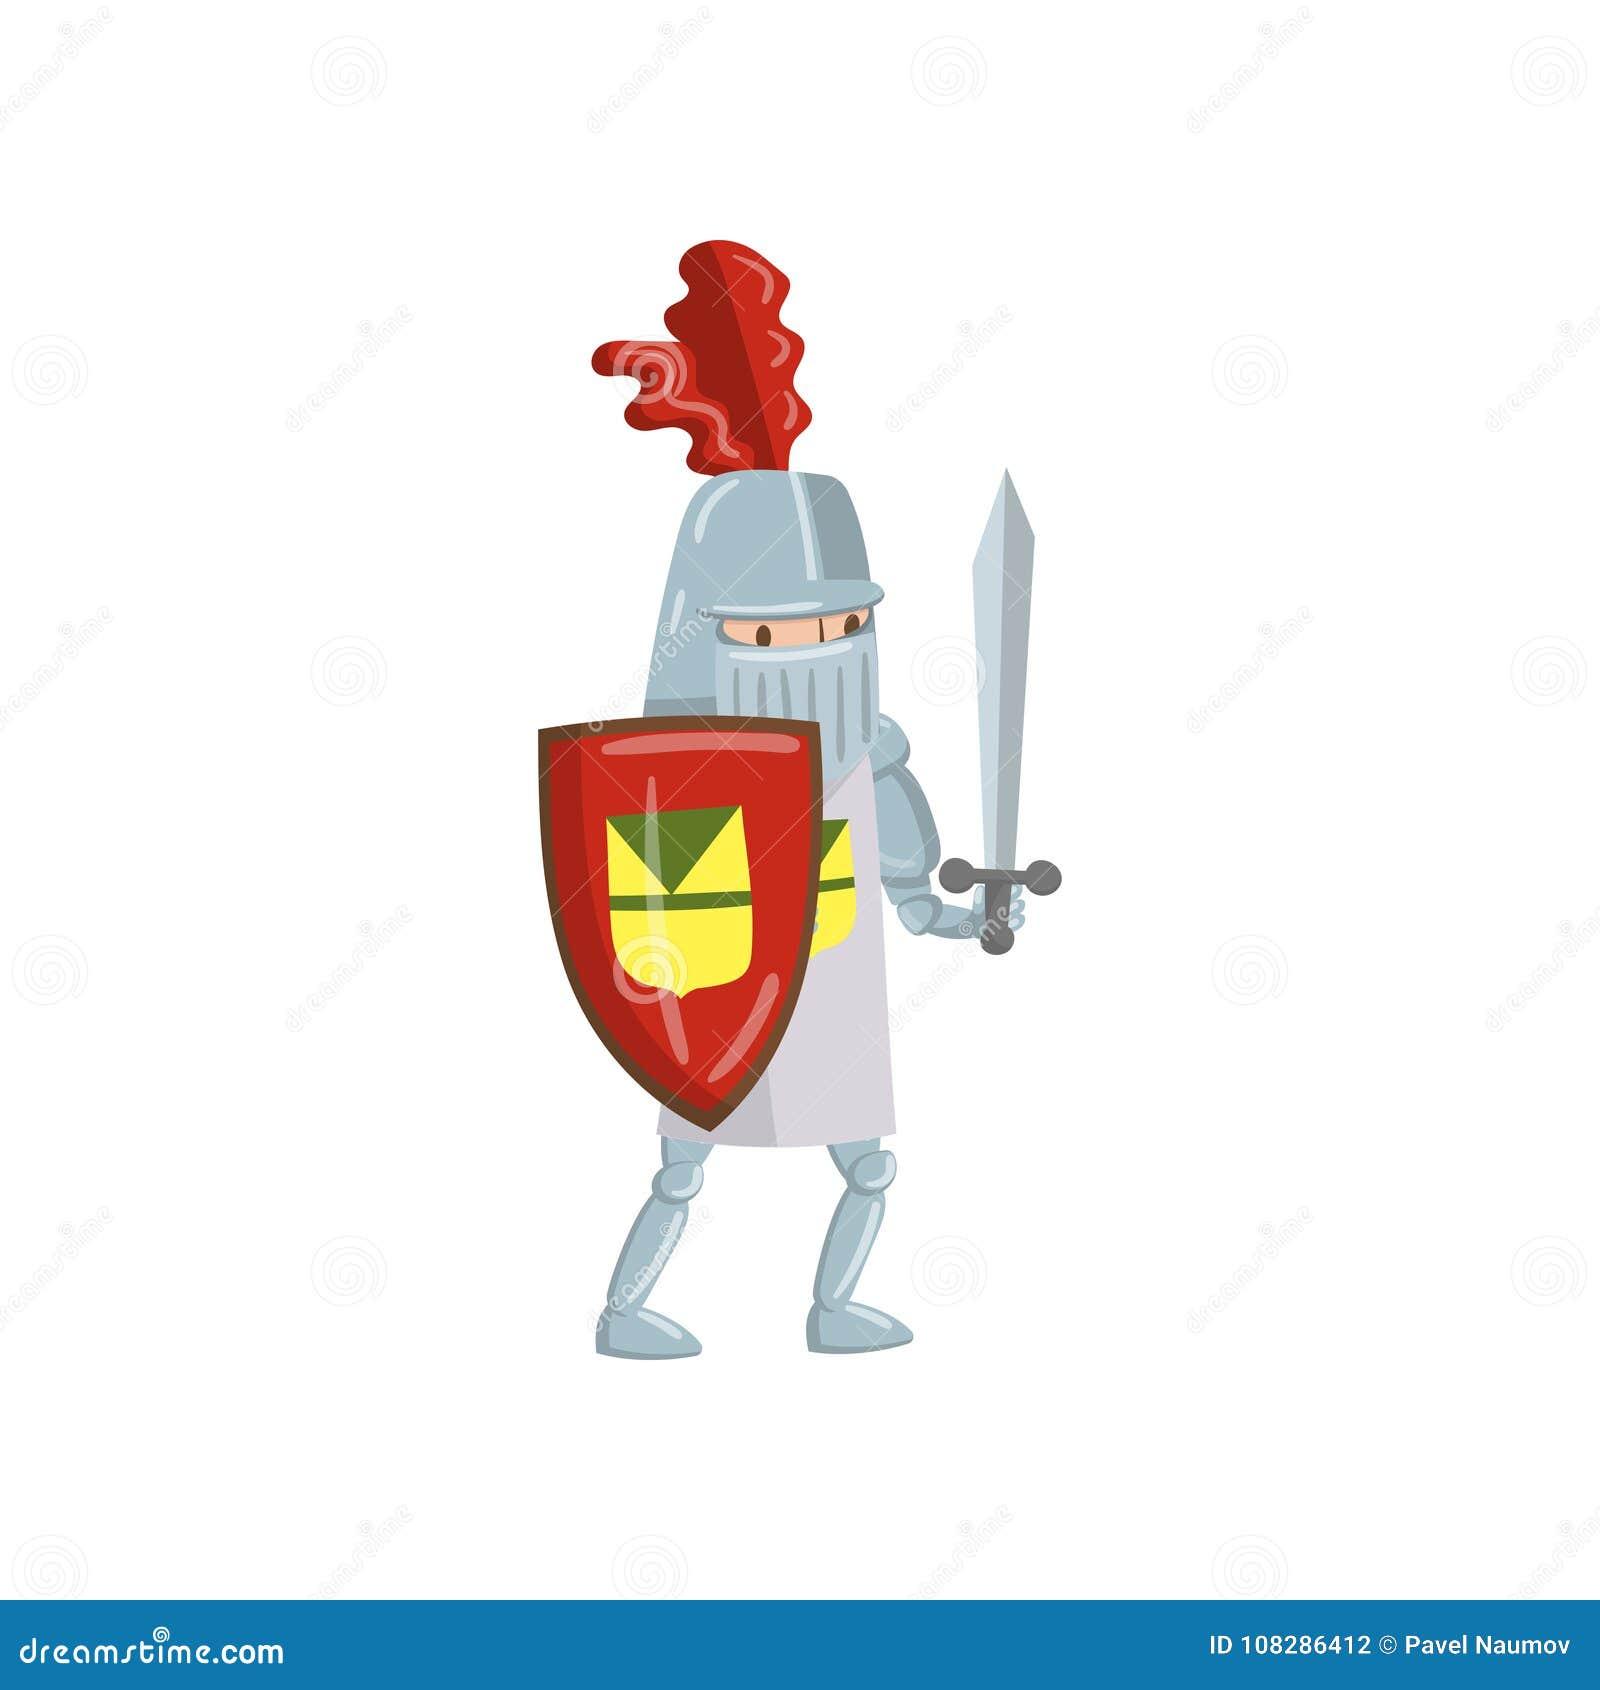 Carácter amed medieval del caballero con el escudo y la espada, cuento de hadas o ejemplo medieval del vector de la historieta de